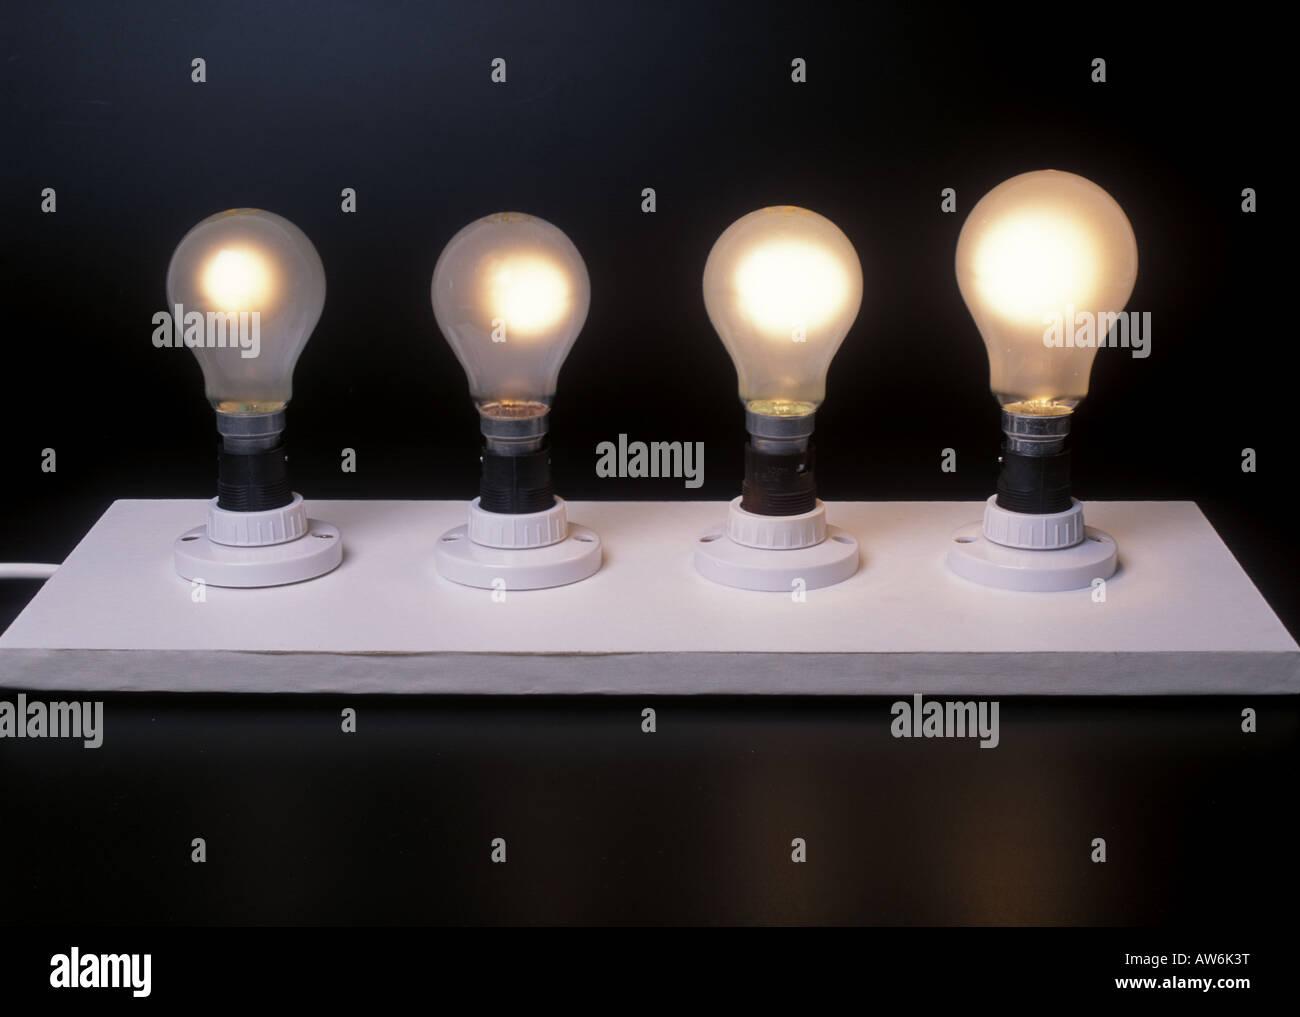 four different wattage light bulbs 40w 60w 100w 150w stock photo royalty free image 16482971